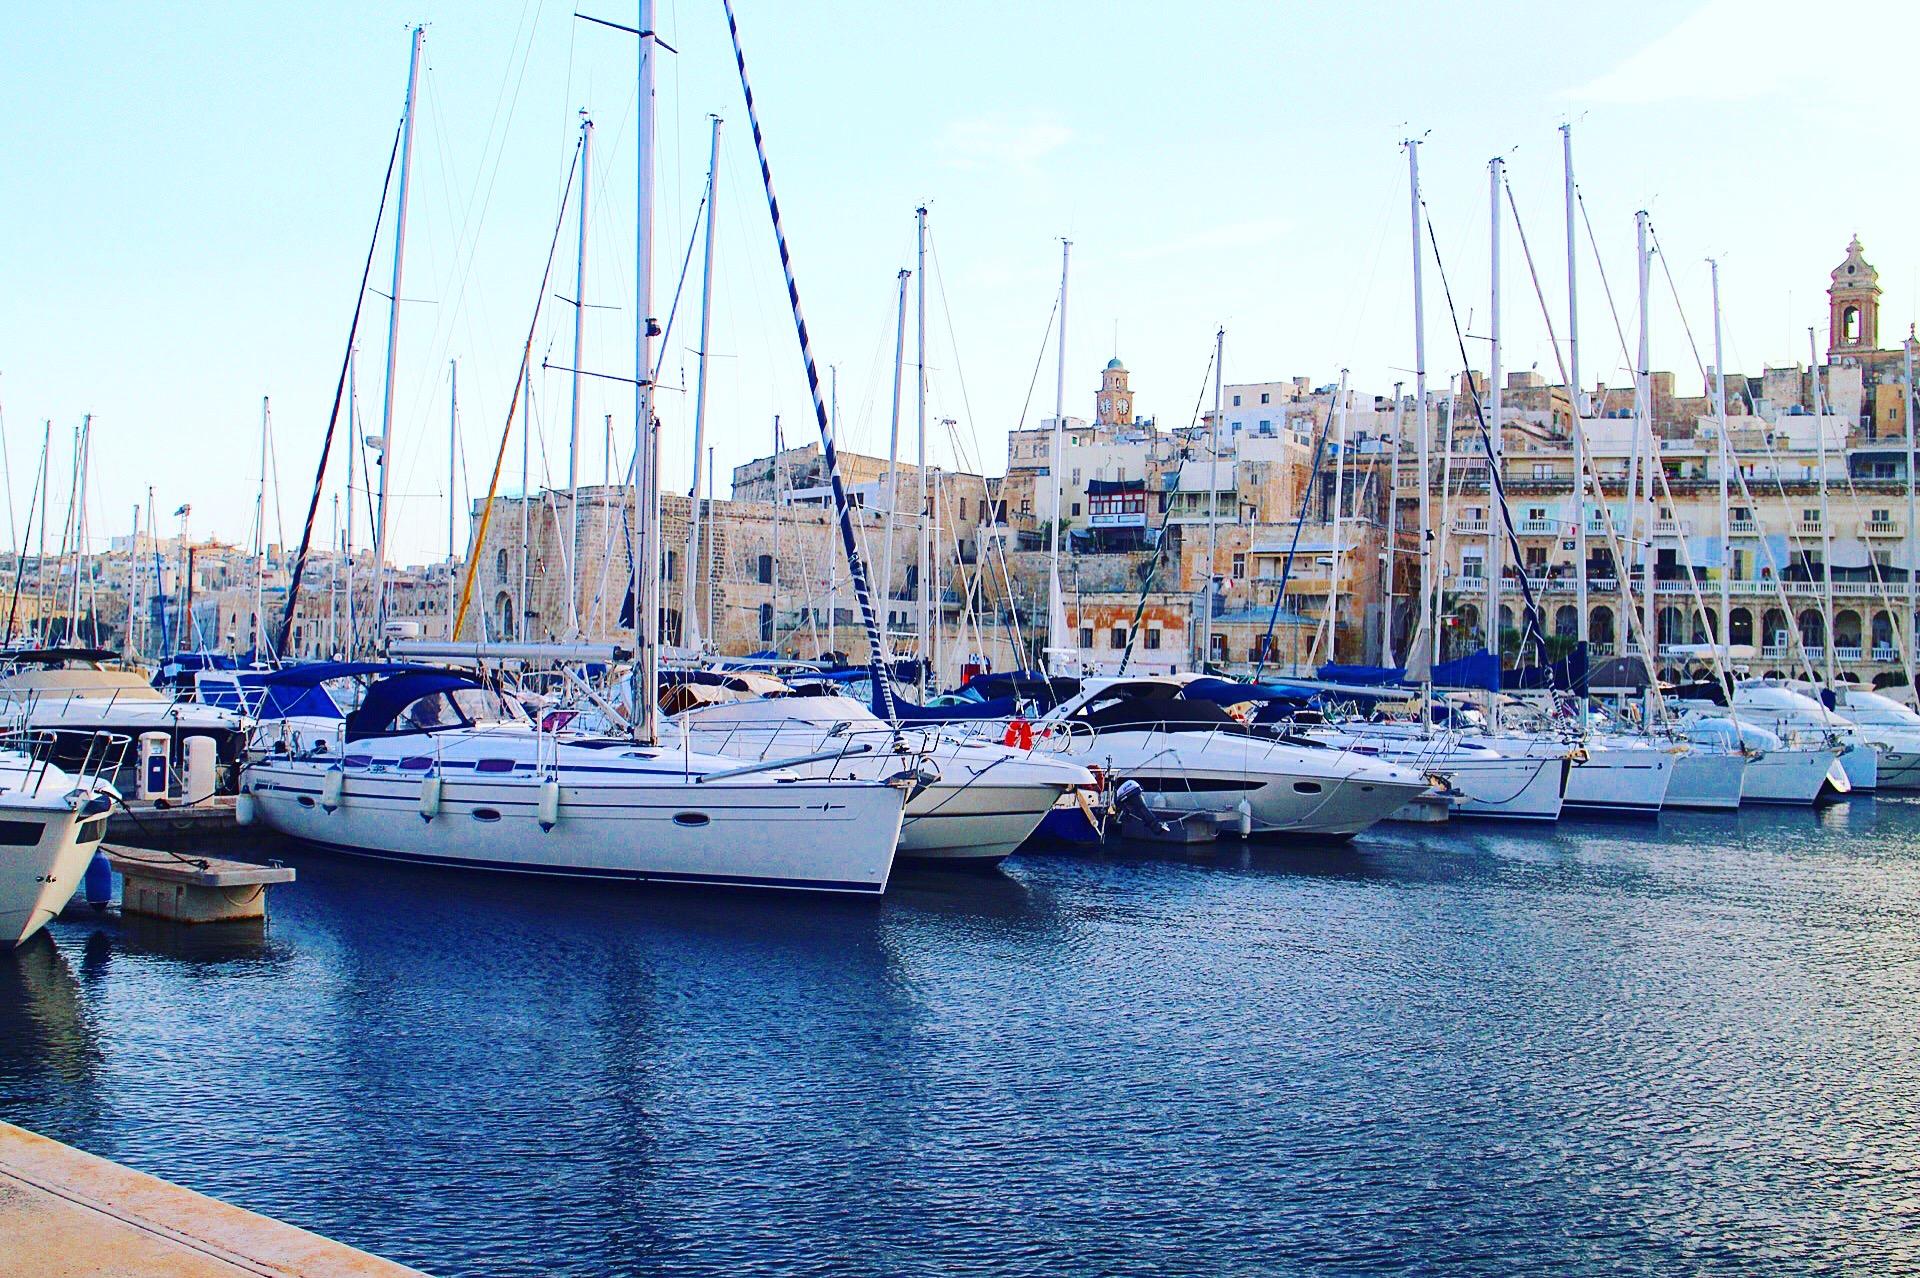 【マルタ共和国】ヴィットリオーザ港の風景